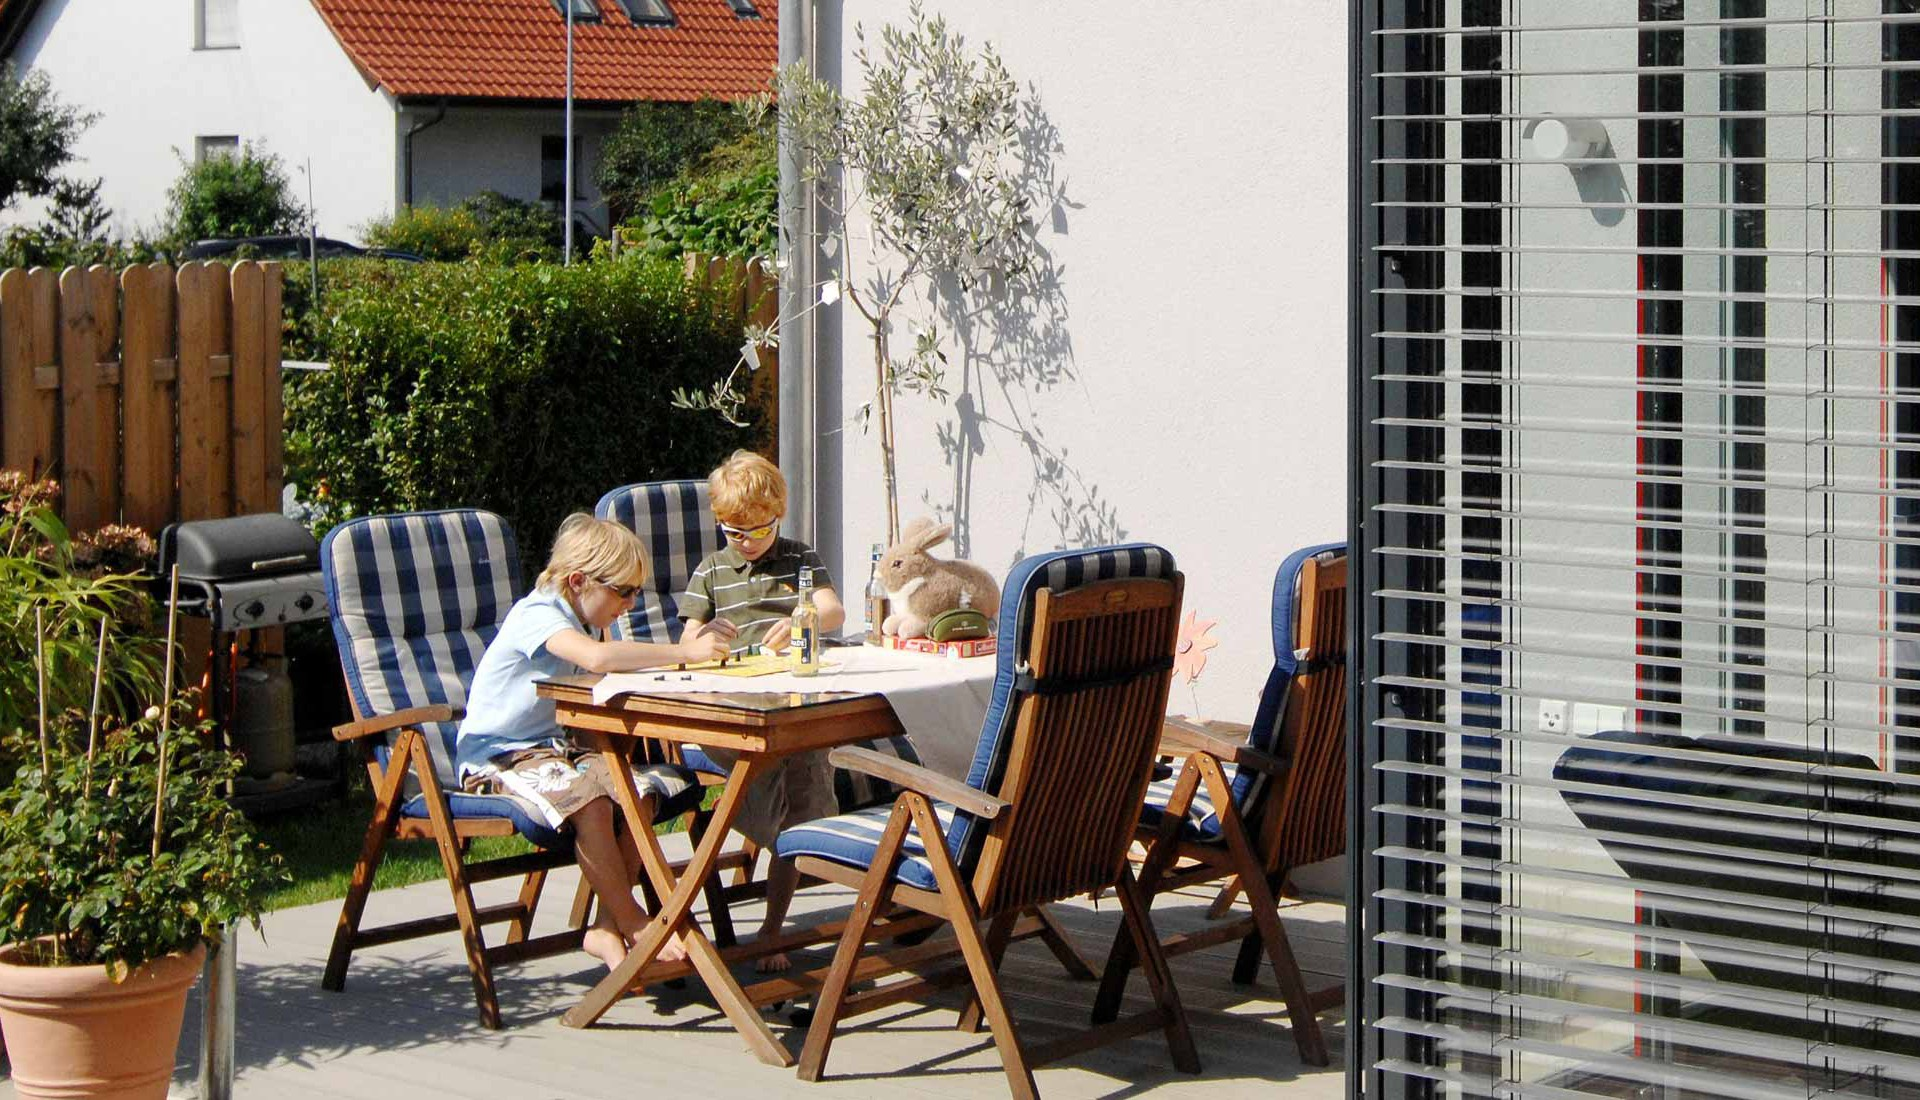 AMB - Architekturbüro Masuch-Bayer